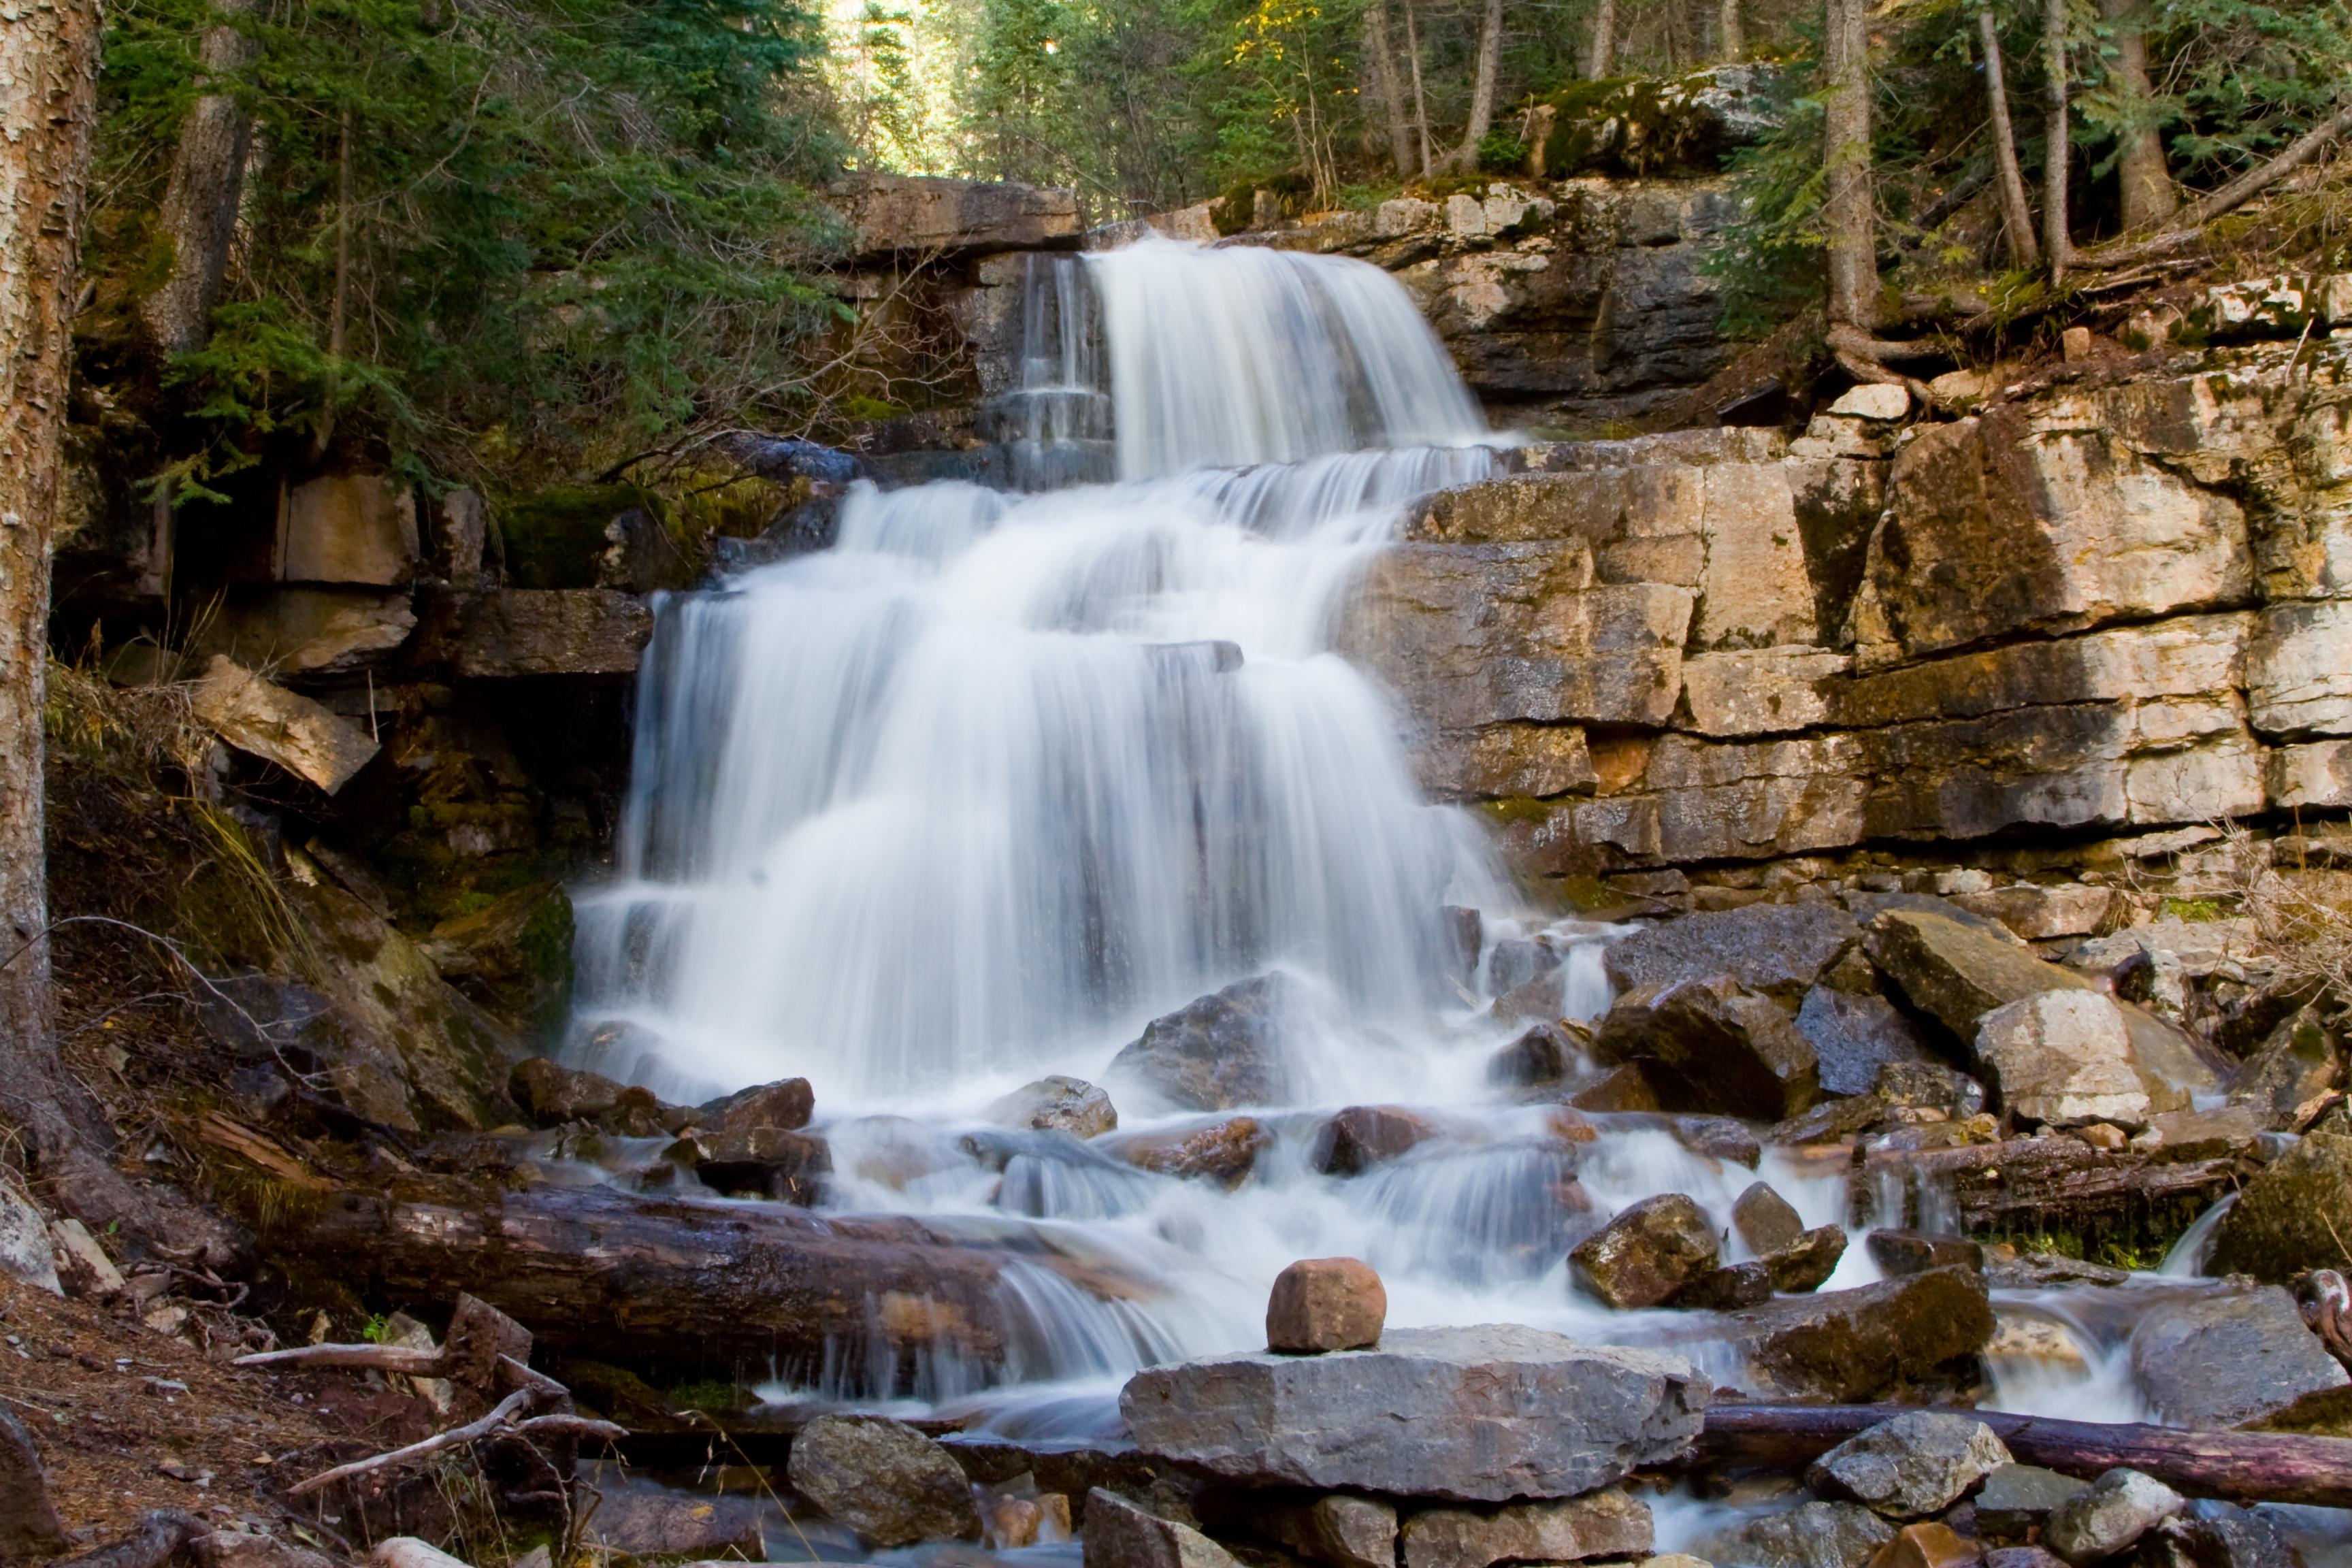 Stream Exposure, Autumn, River, Waterfall, Water, HQ Photo